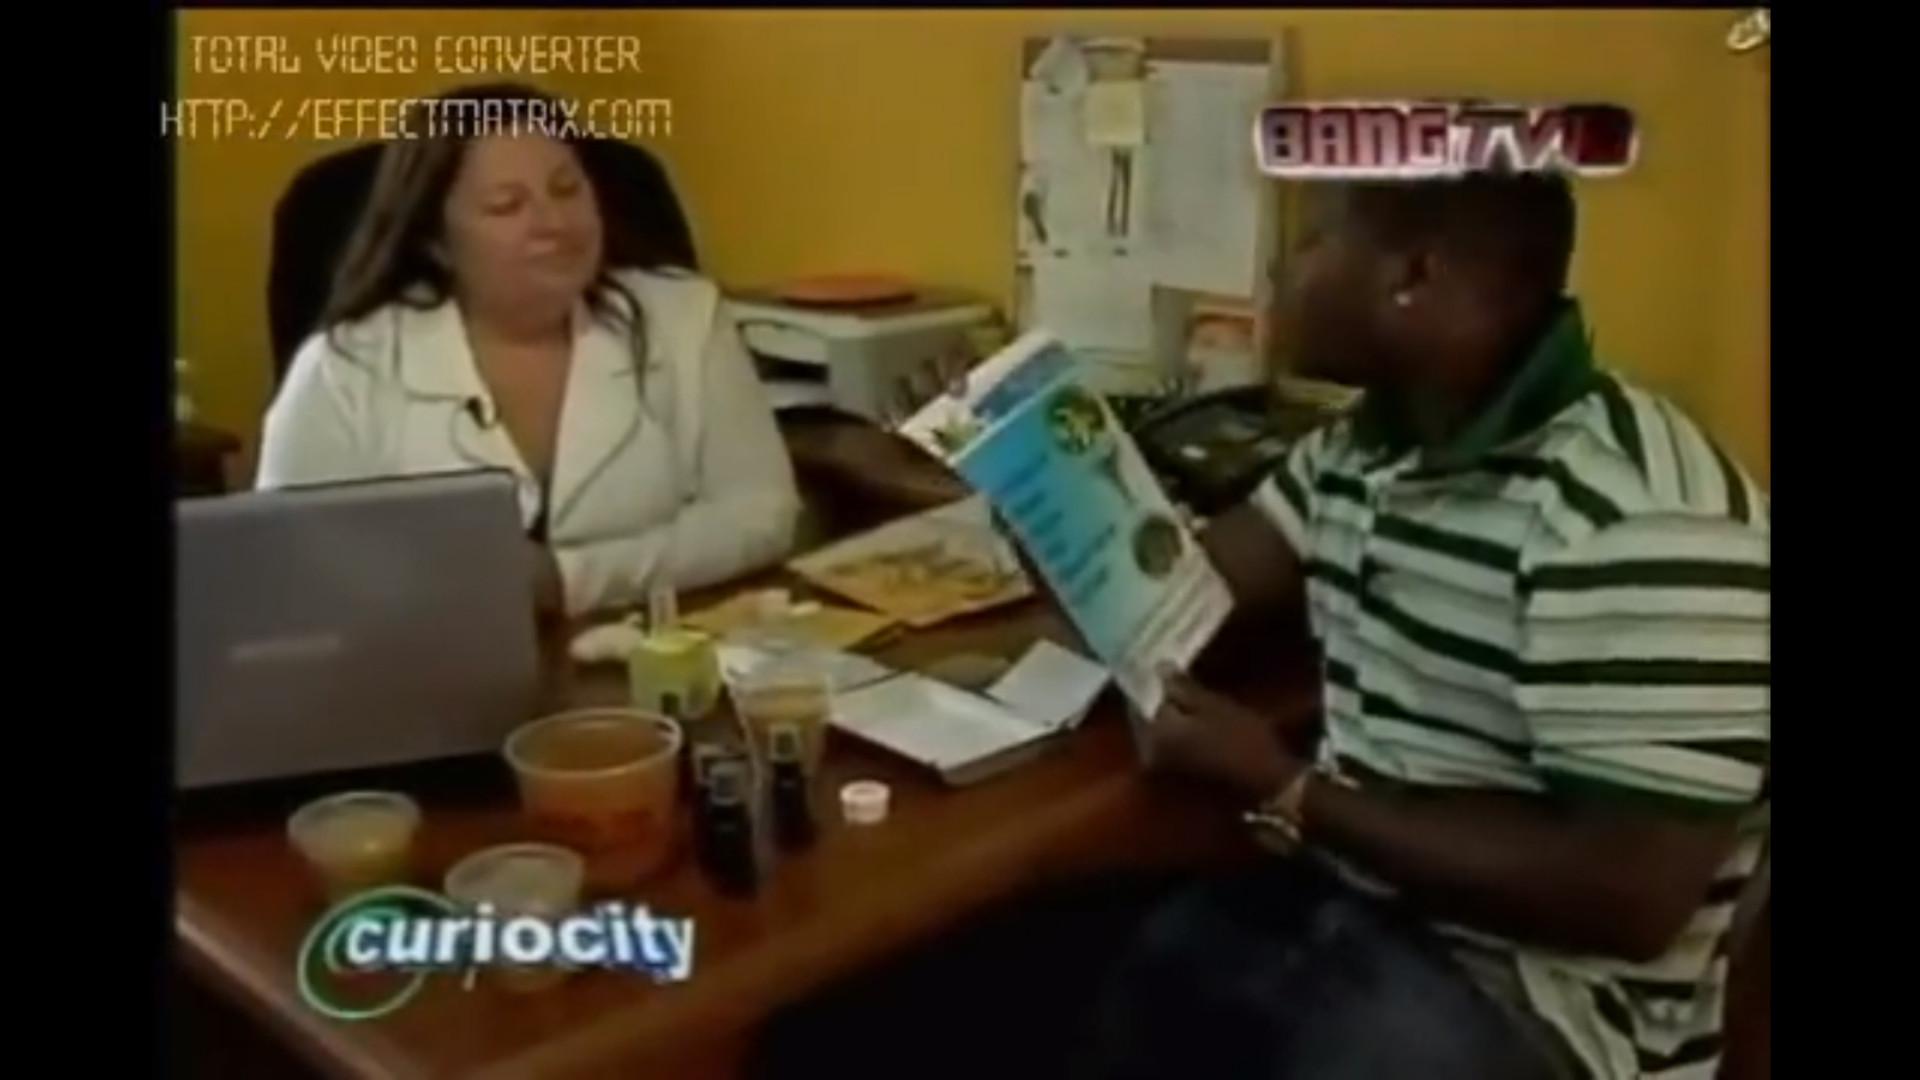 Entrevista Curiocity parte 02